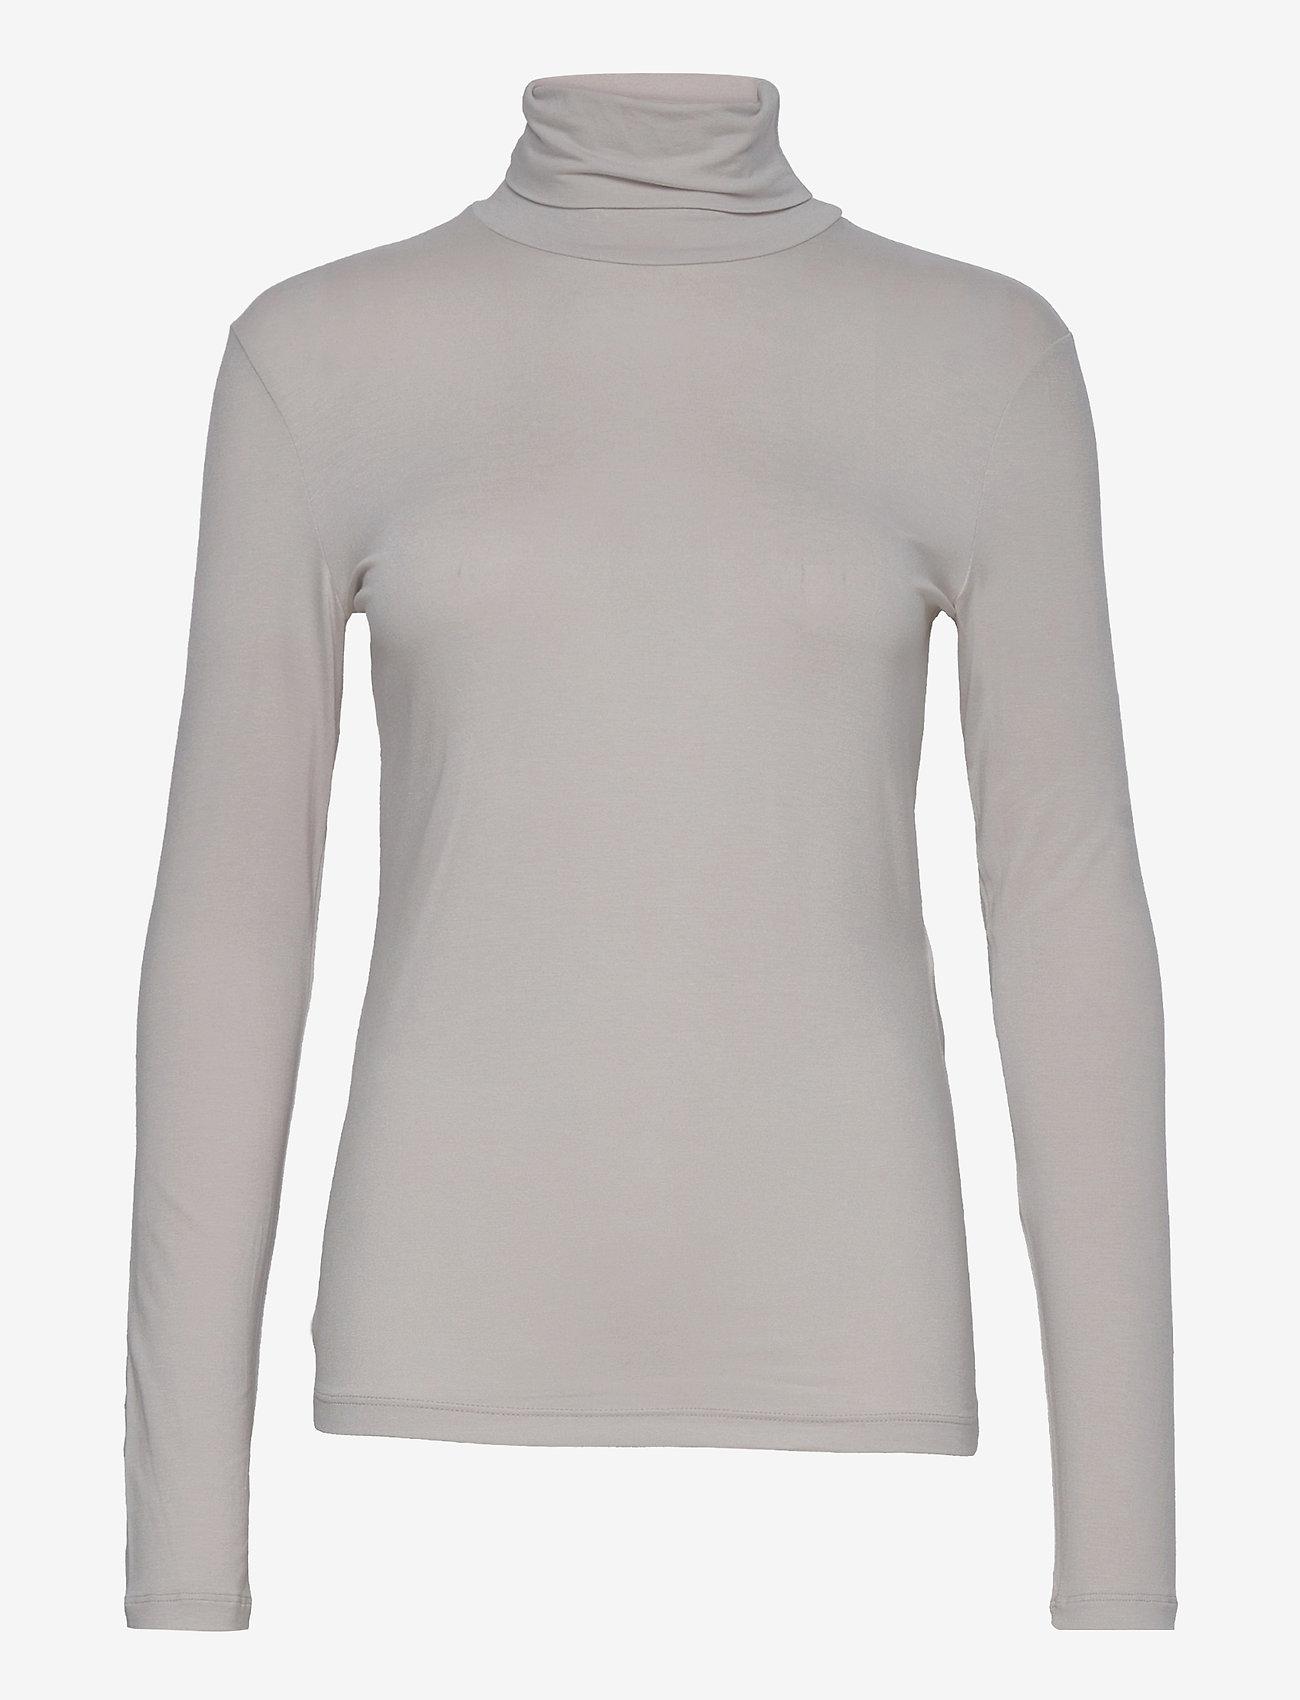 Max Mara Leisure - DEDE - long-sleeved tops - beige - 0